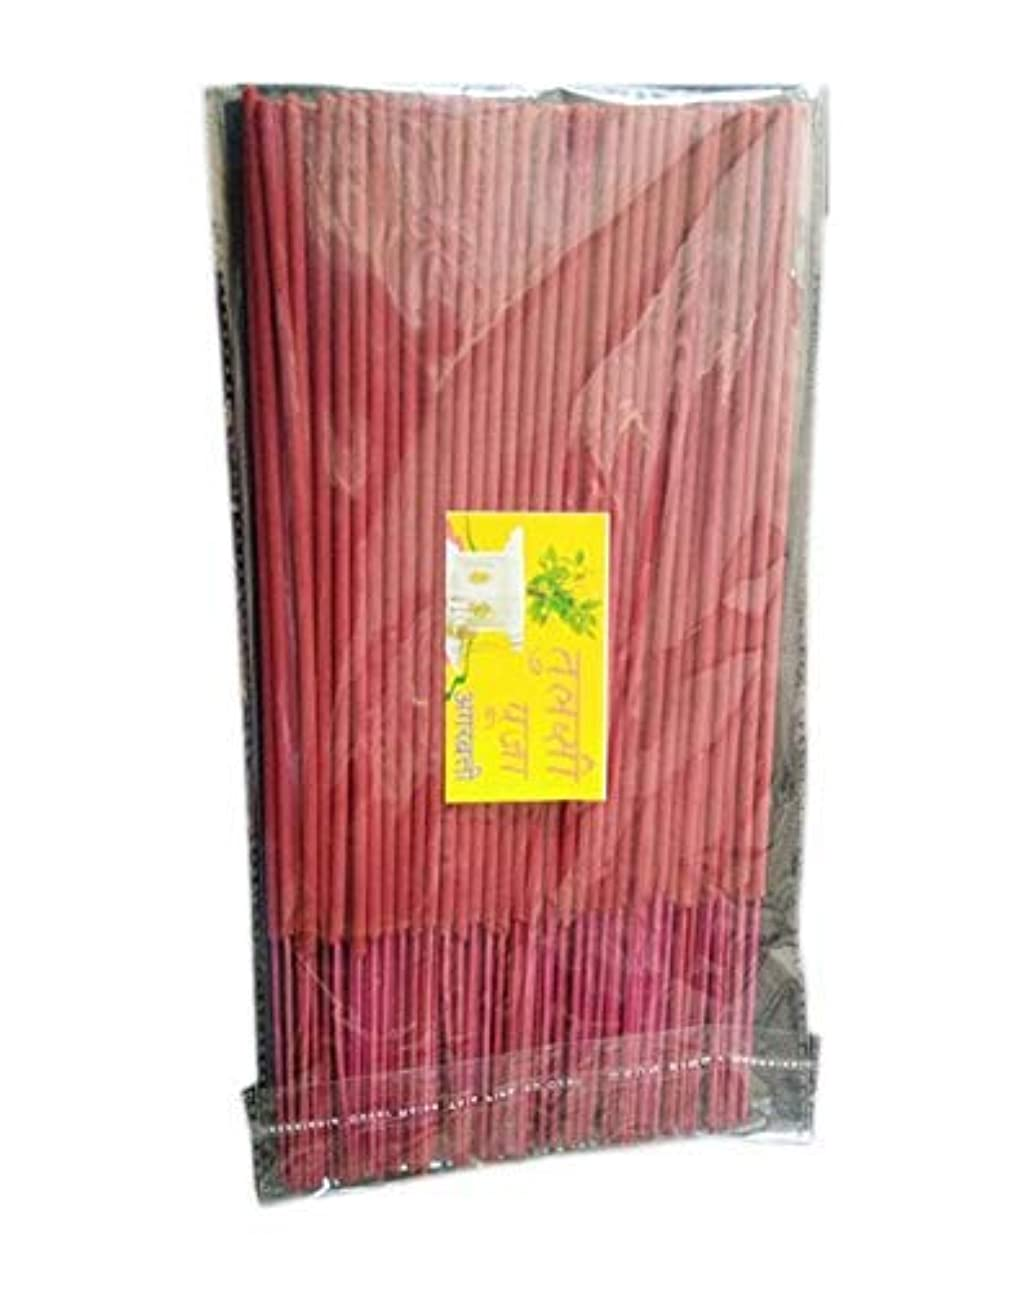 階段蘇生するエッセンスDarshan Tulsi Pooja Incense Sticks/Agarbatti (500 GM Pack)